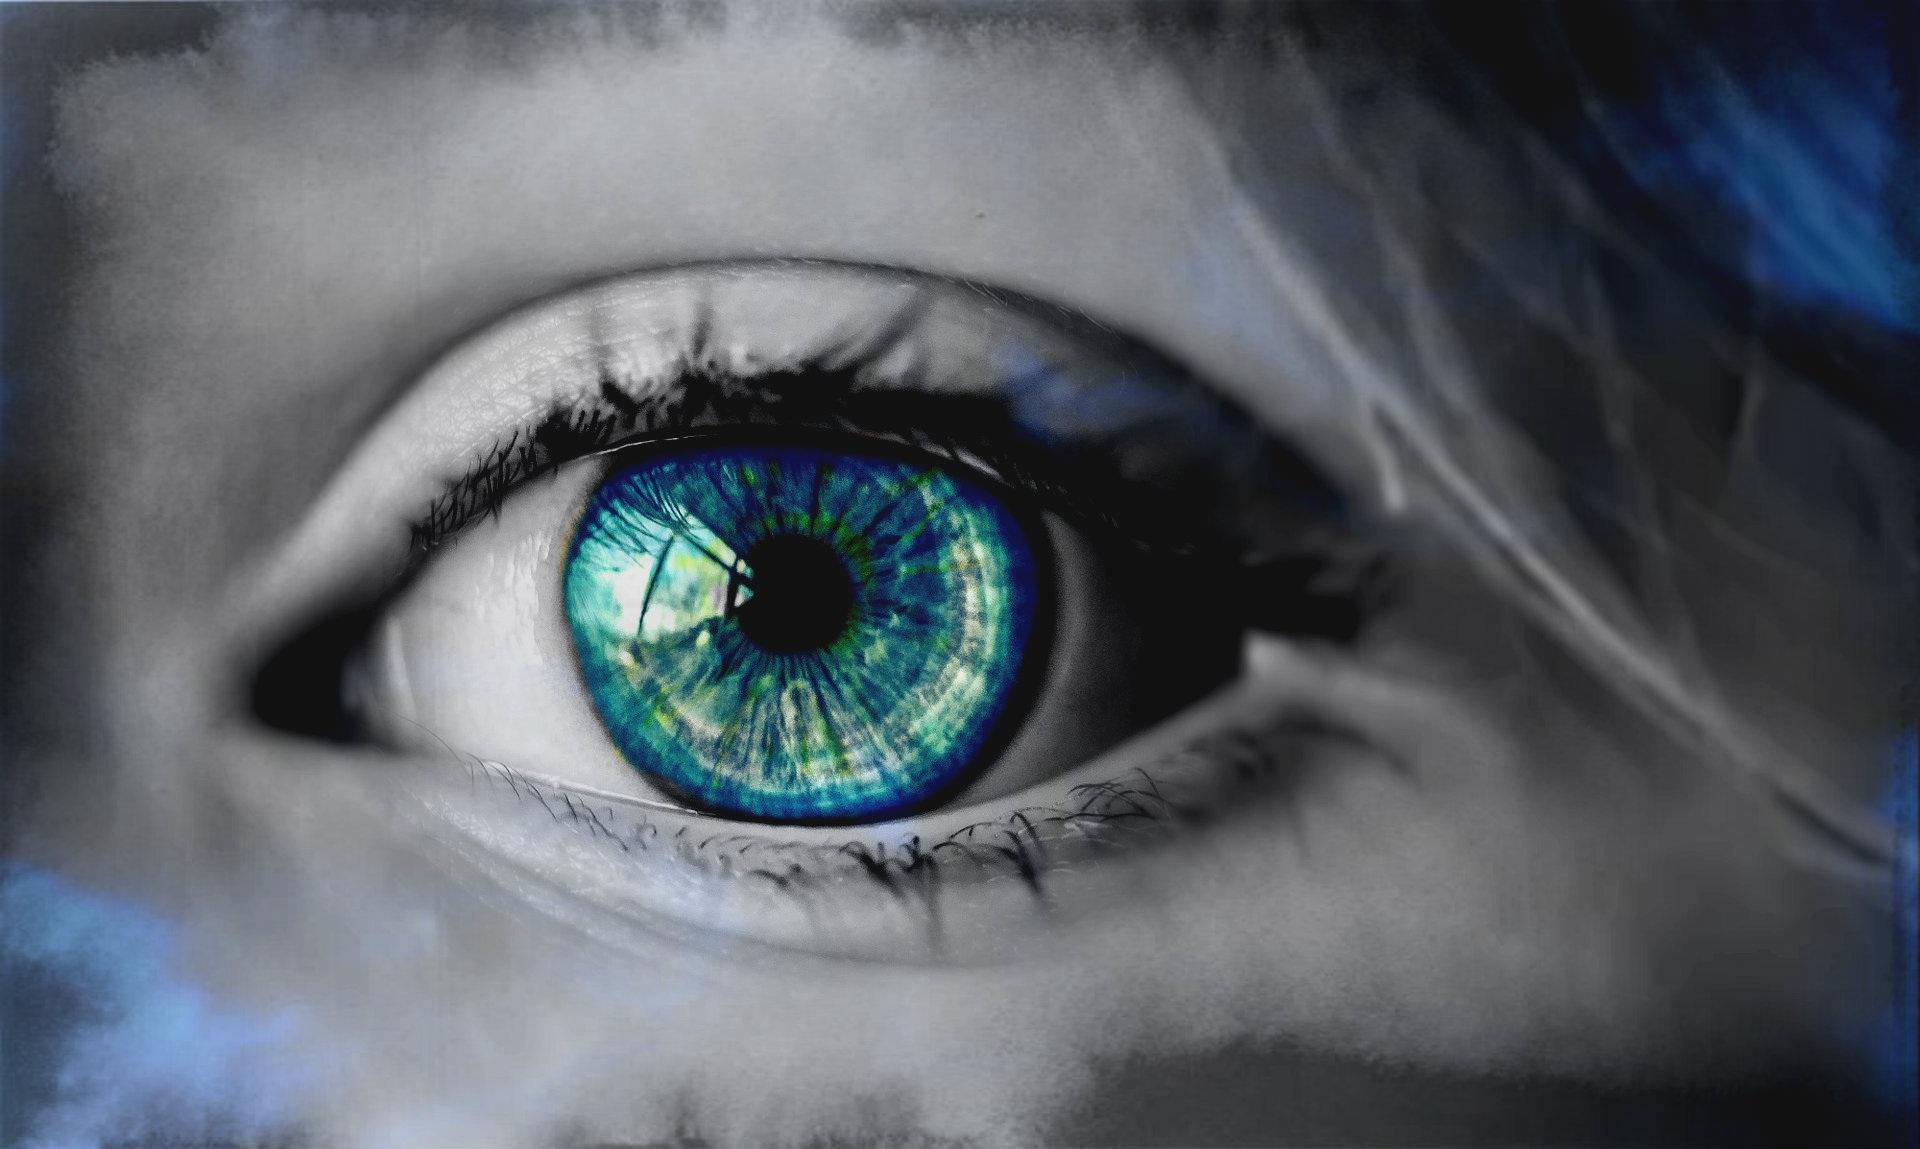 kostenlose foto kreativ farbe blau nahansicht menschlicher k rper iris auge fantasie. Black Bedroom Furniture Sets. Home Design Ideas